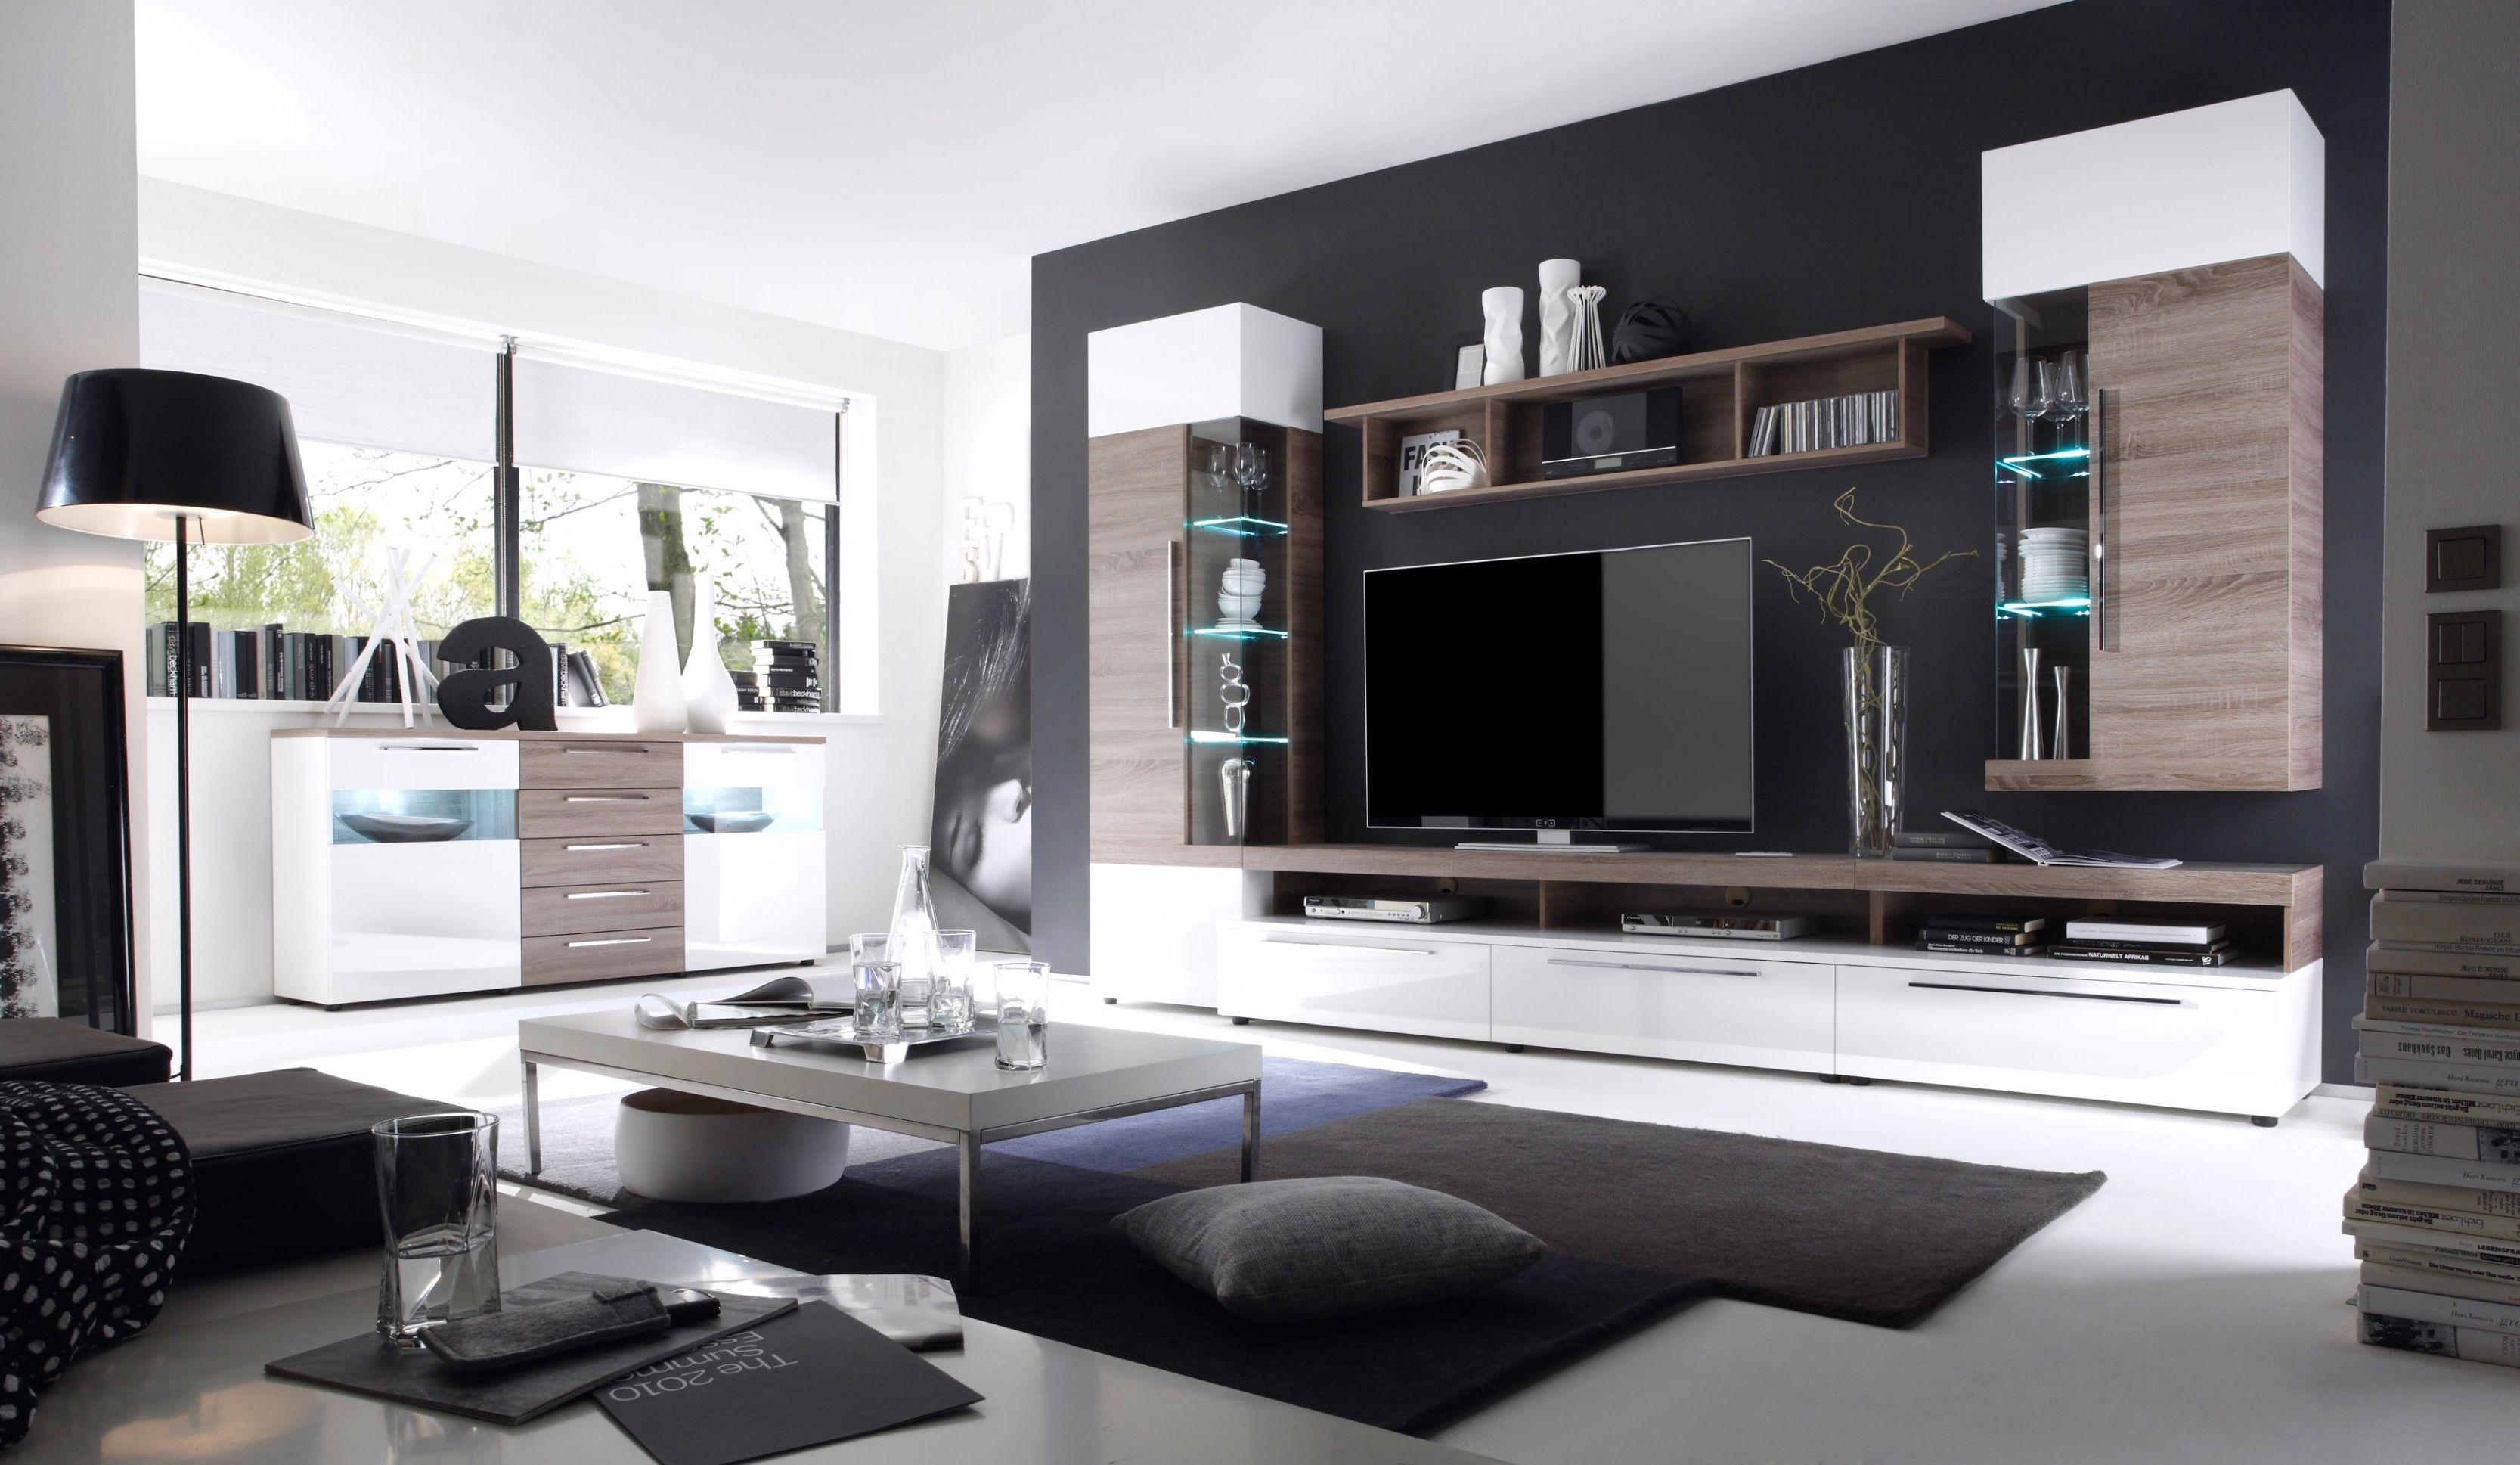 Glasbilder Wohnzimmer ~ Elegant deko bilder wohnzimmer design wohndesign